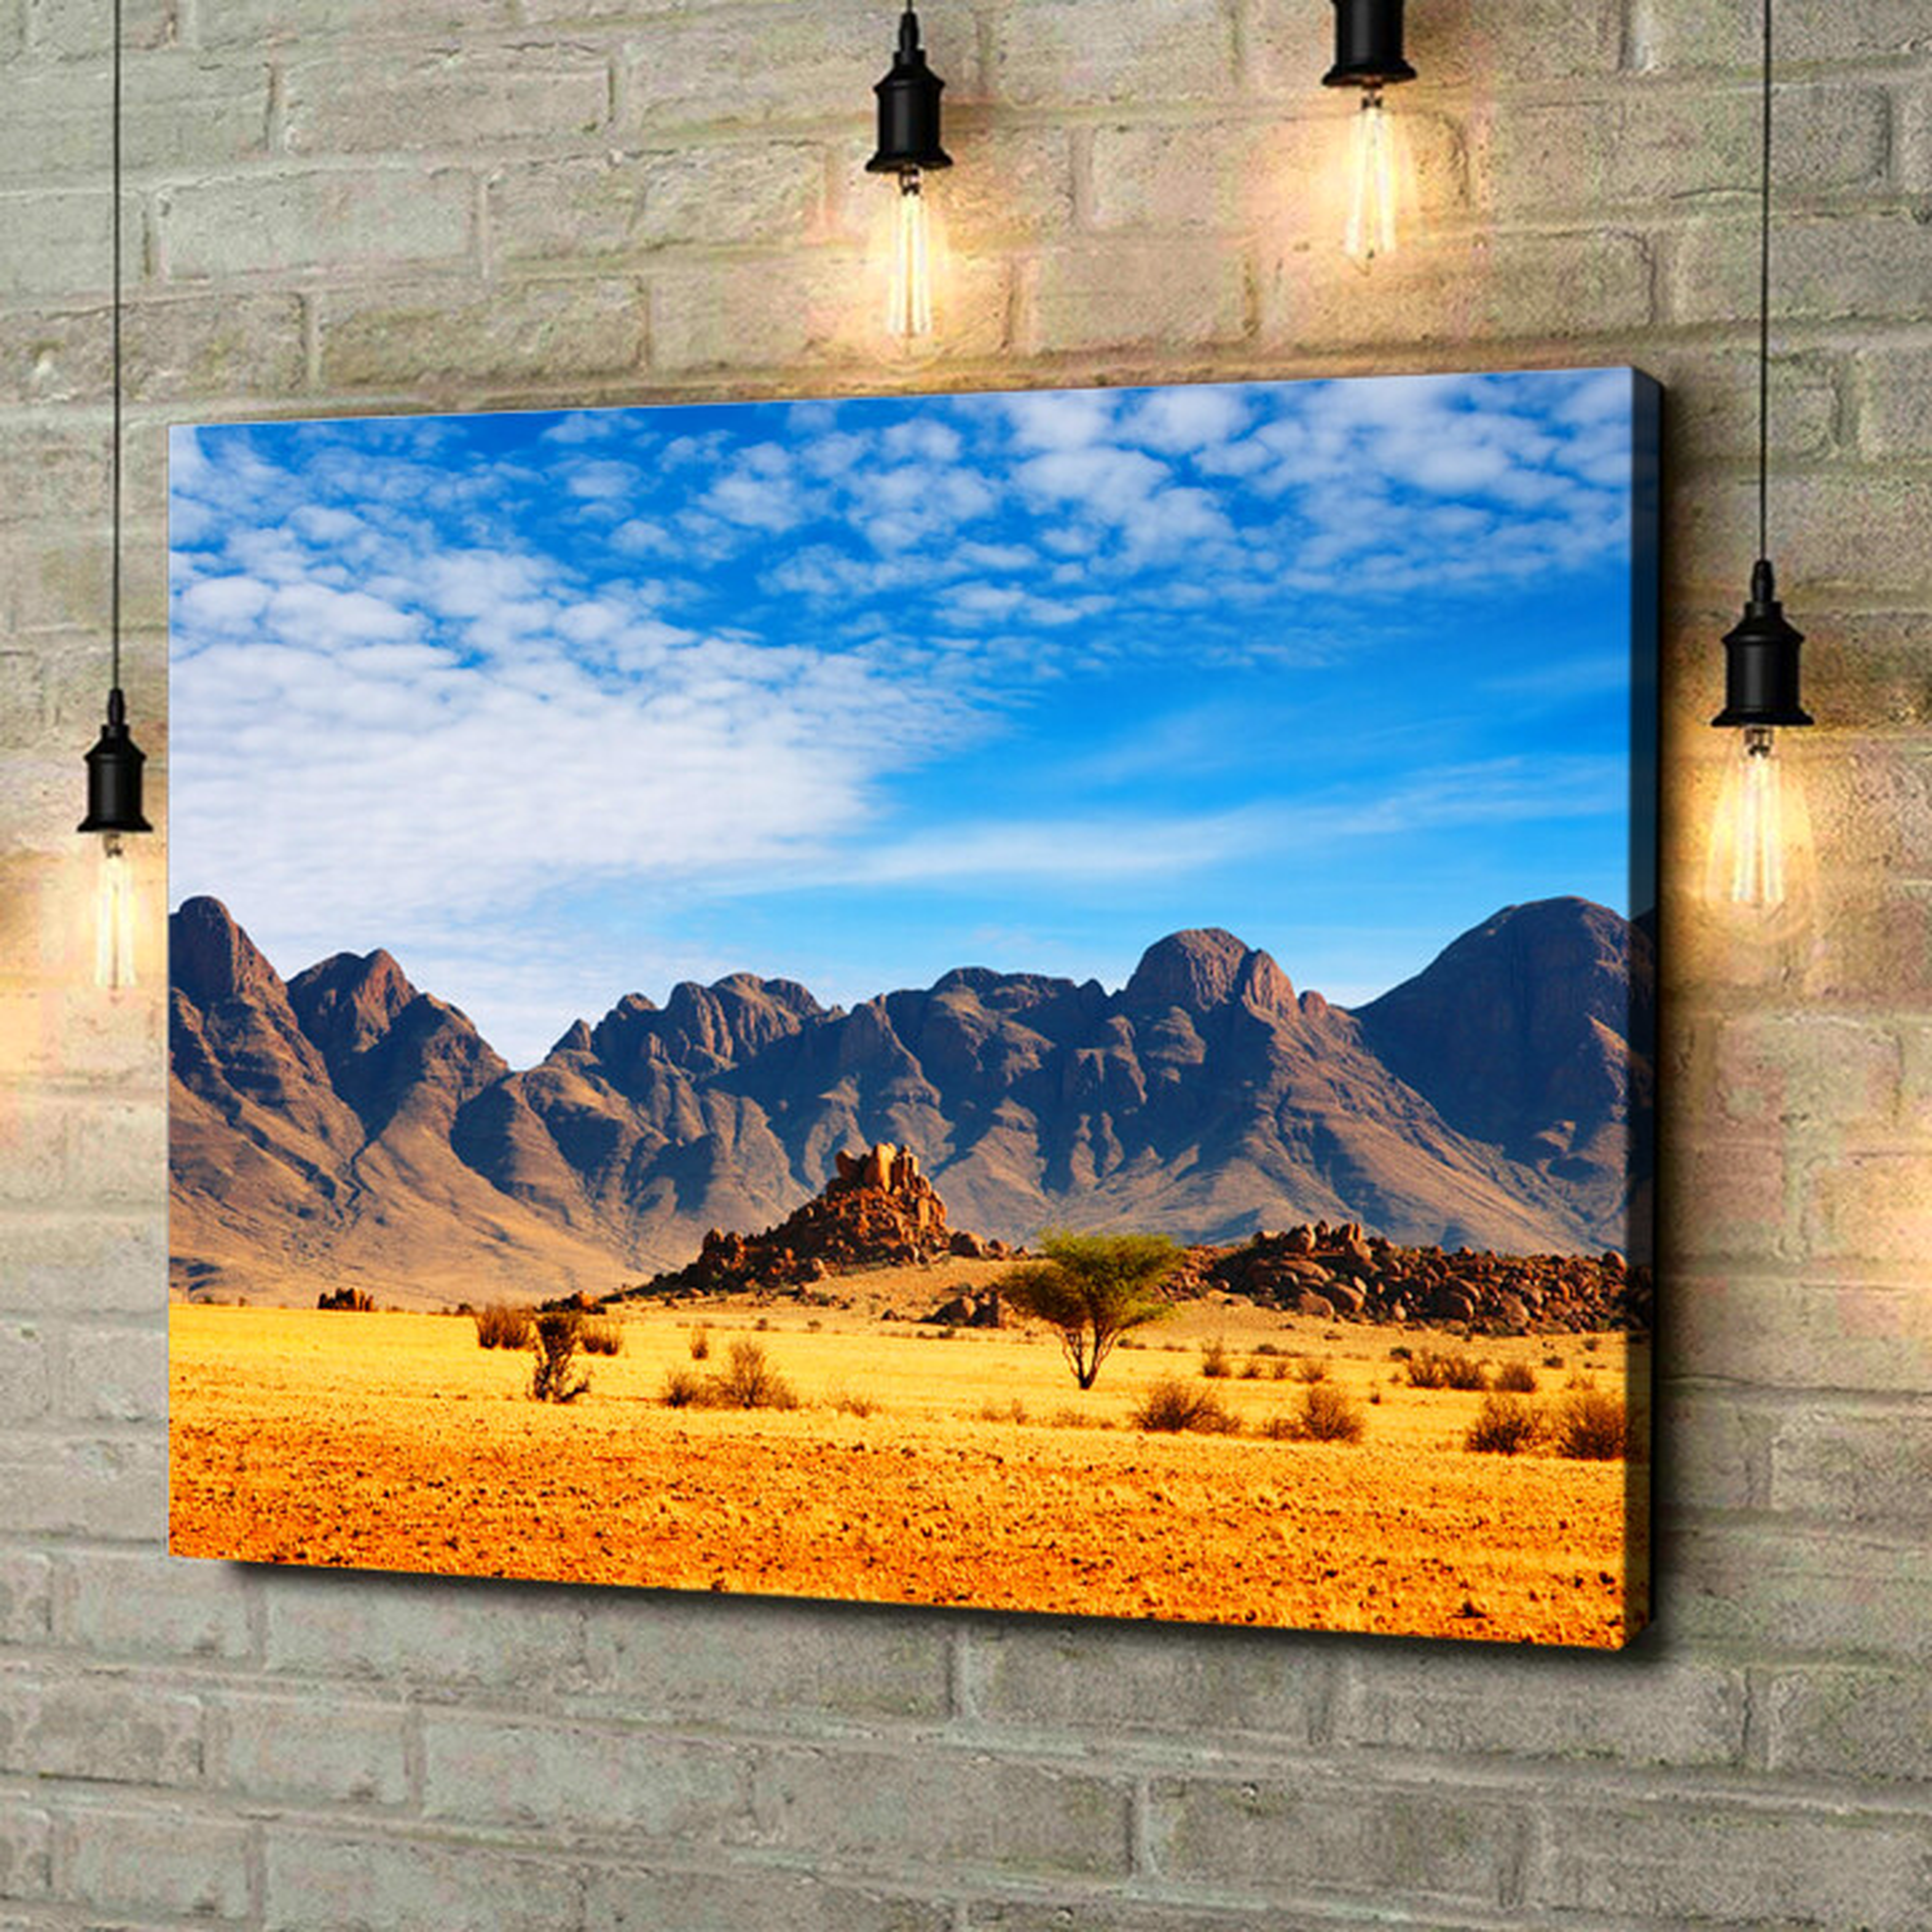 Leinwandbild personalisiert Namibia Wüste in Namibia